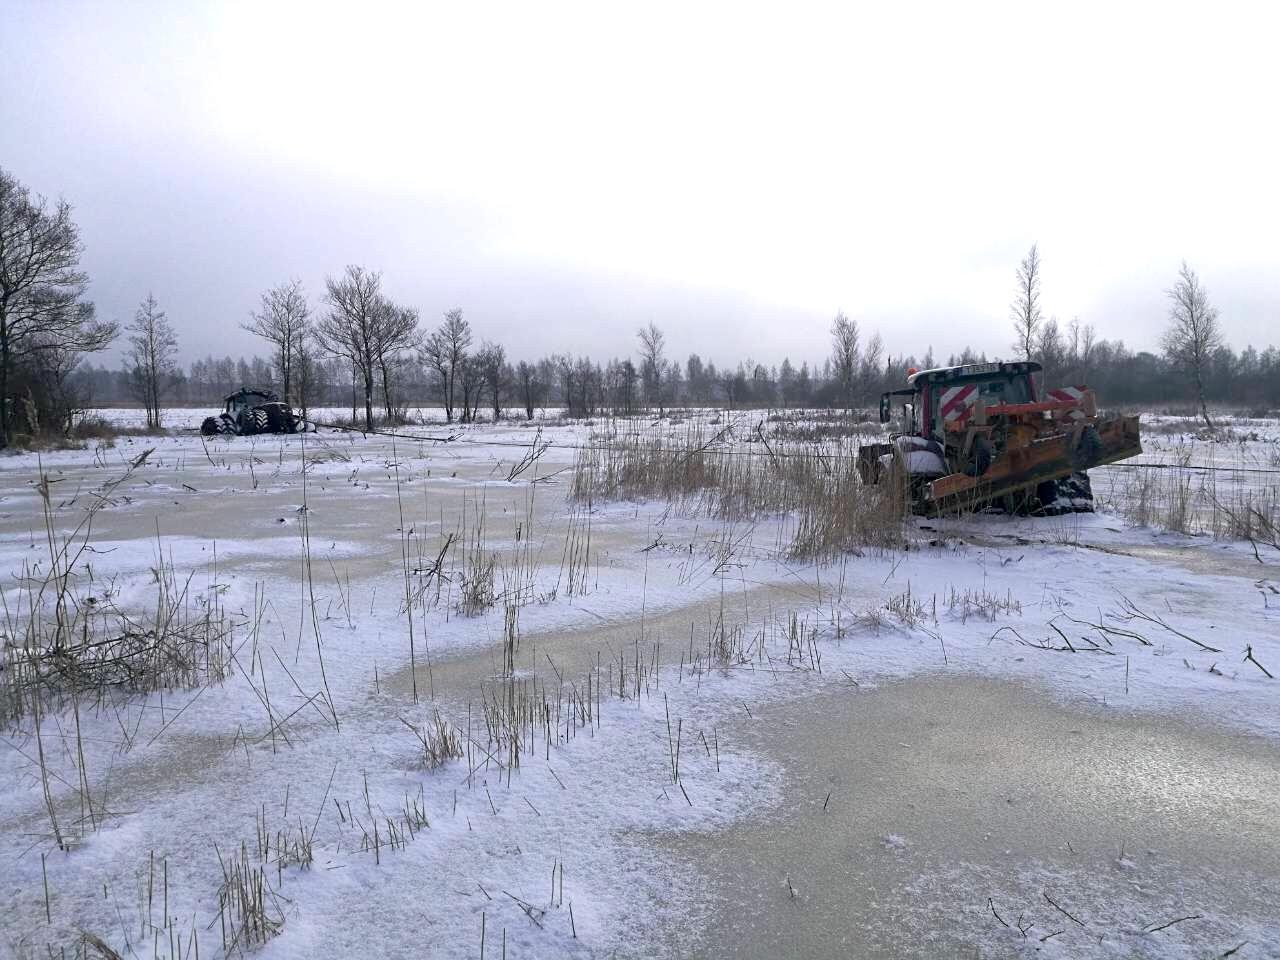 Įlūžę traktoriai Kliošių draustinyje | Baltijos aplinkos forumo nuotr.